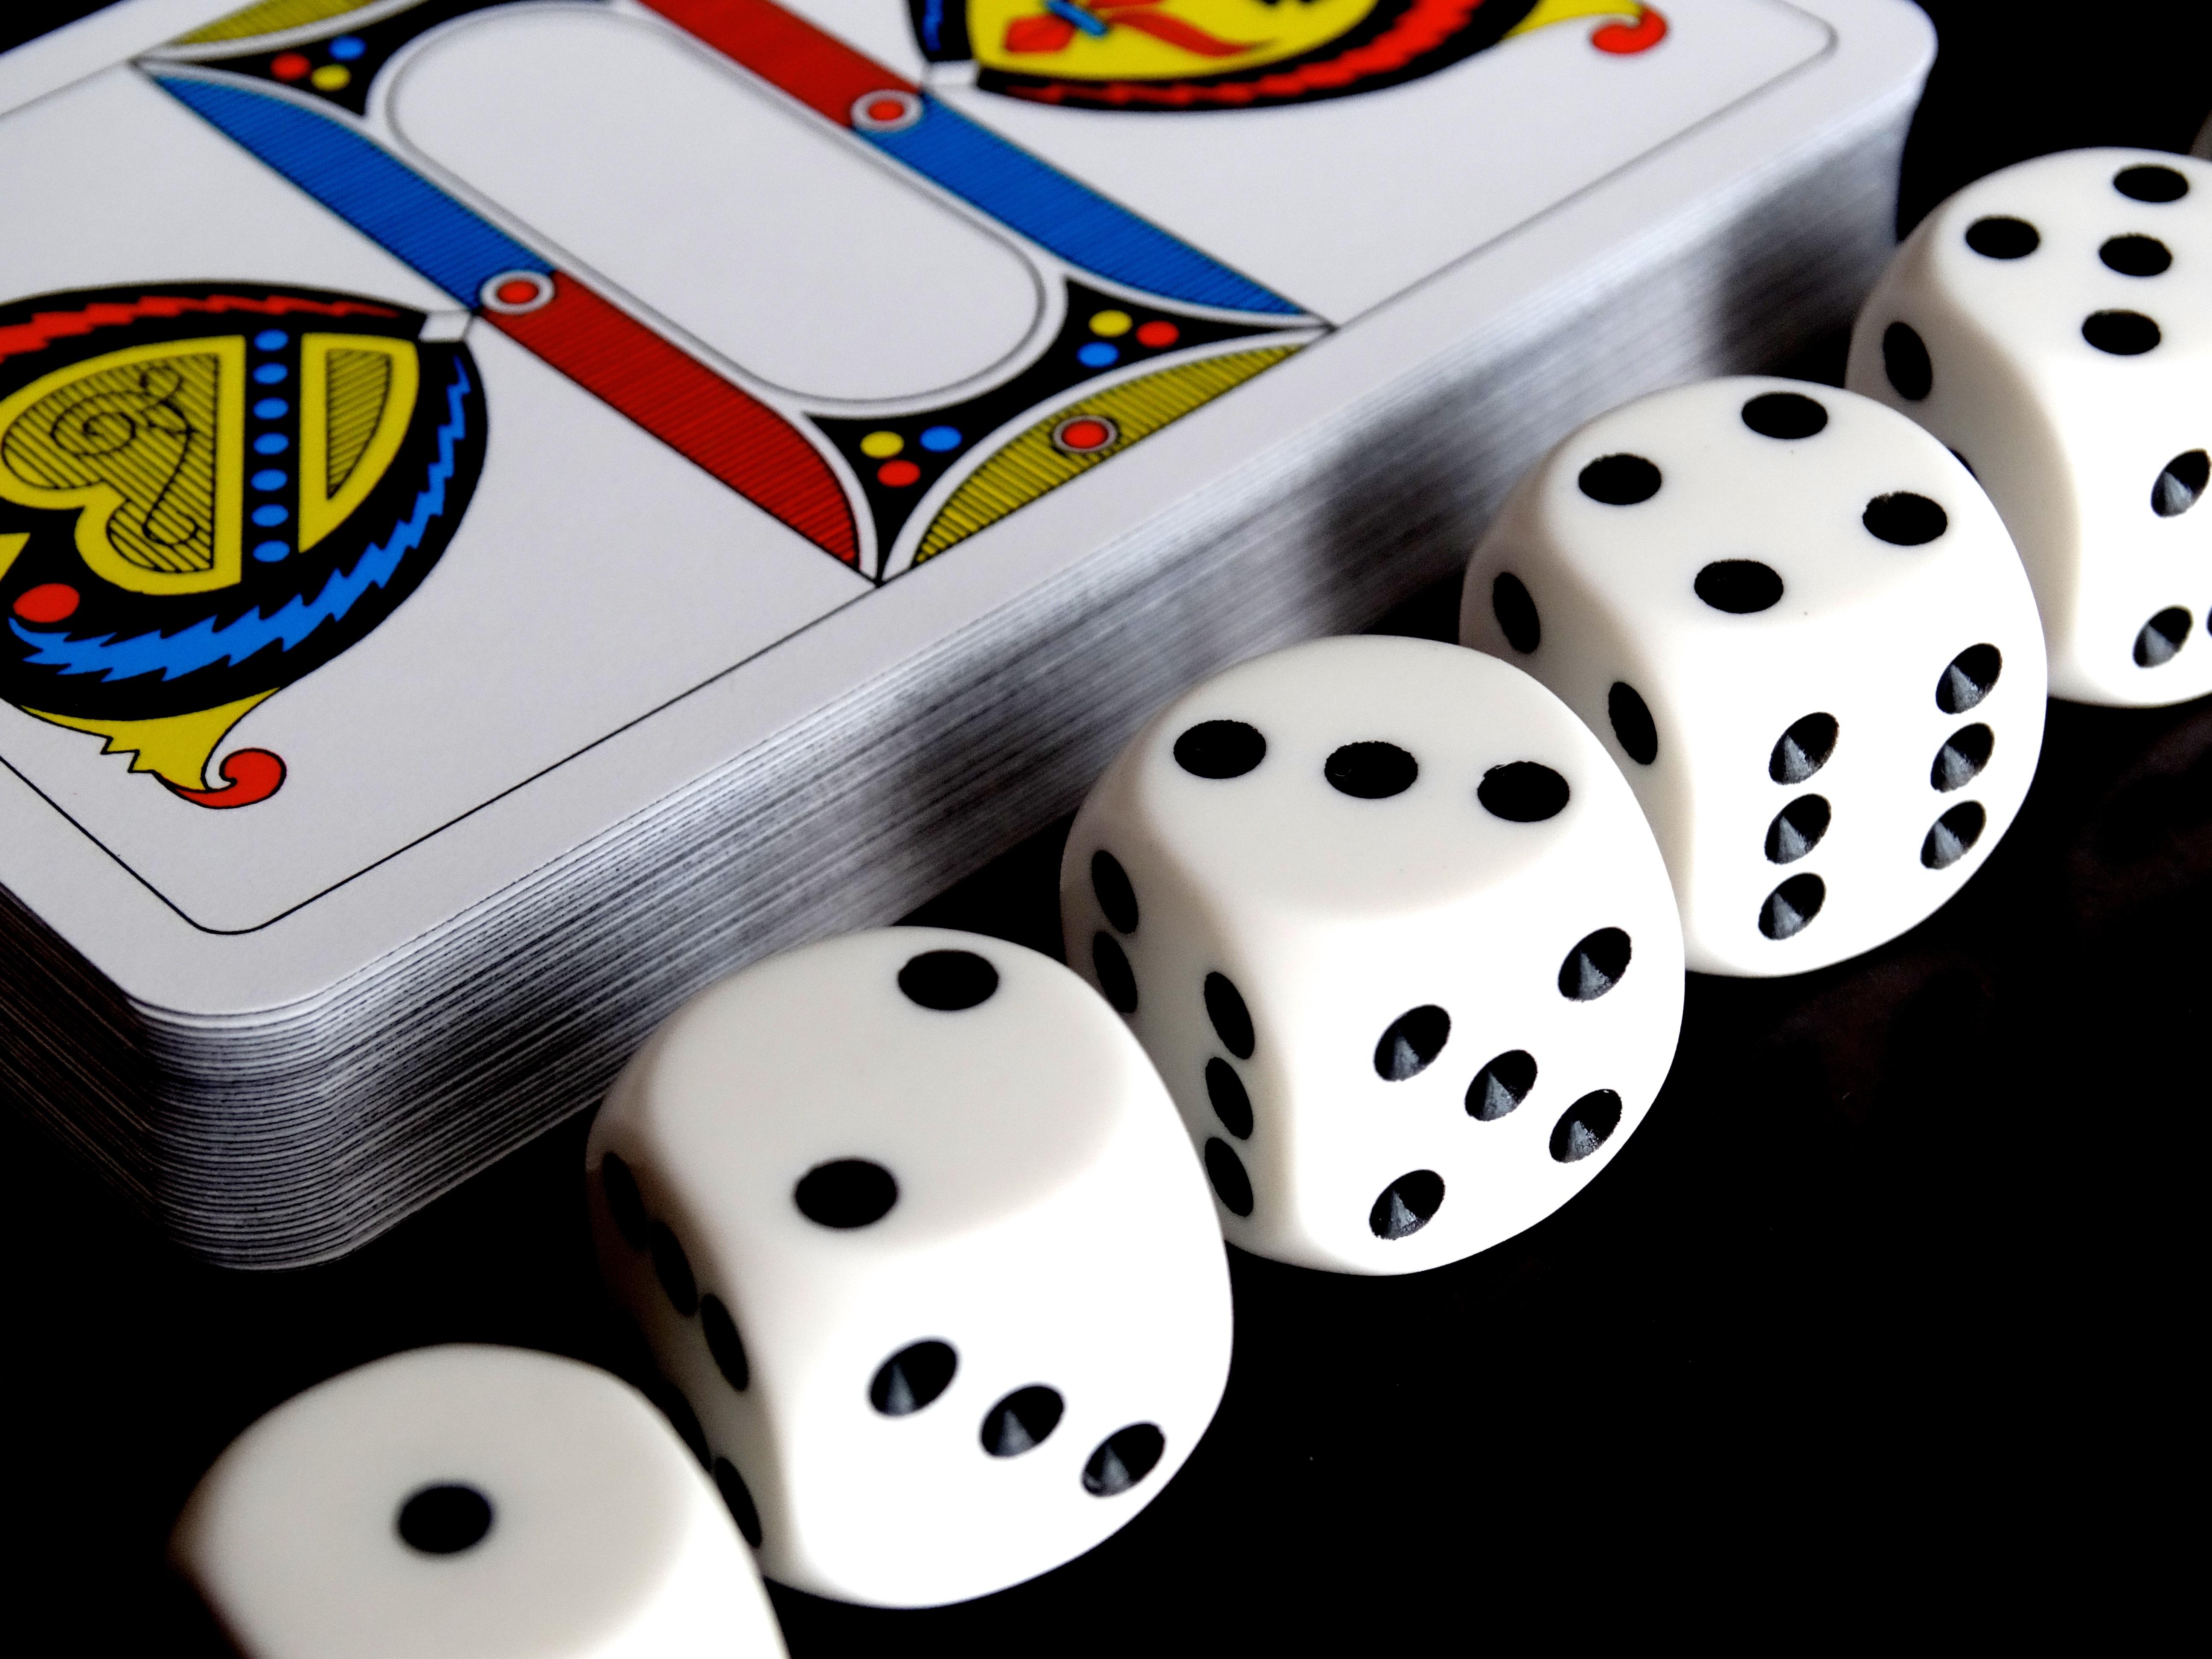 Игры казино бесплатно карты популярных форумах заработка в интернете и интернет казино